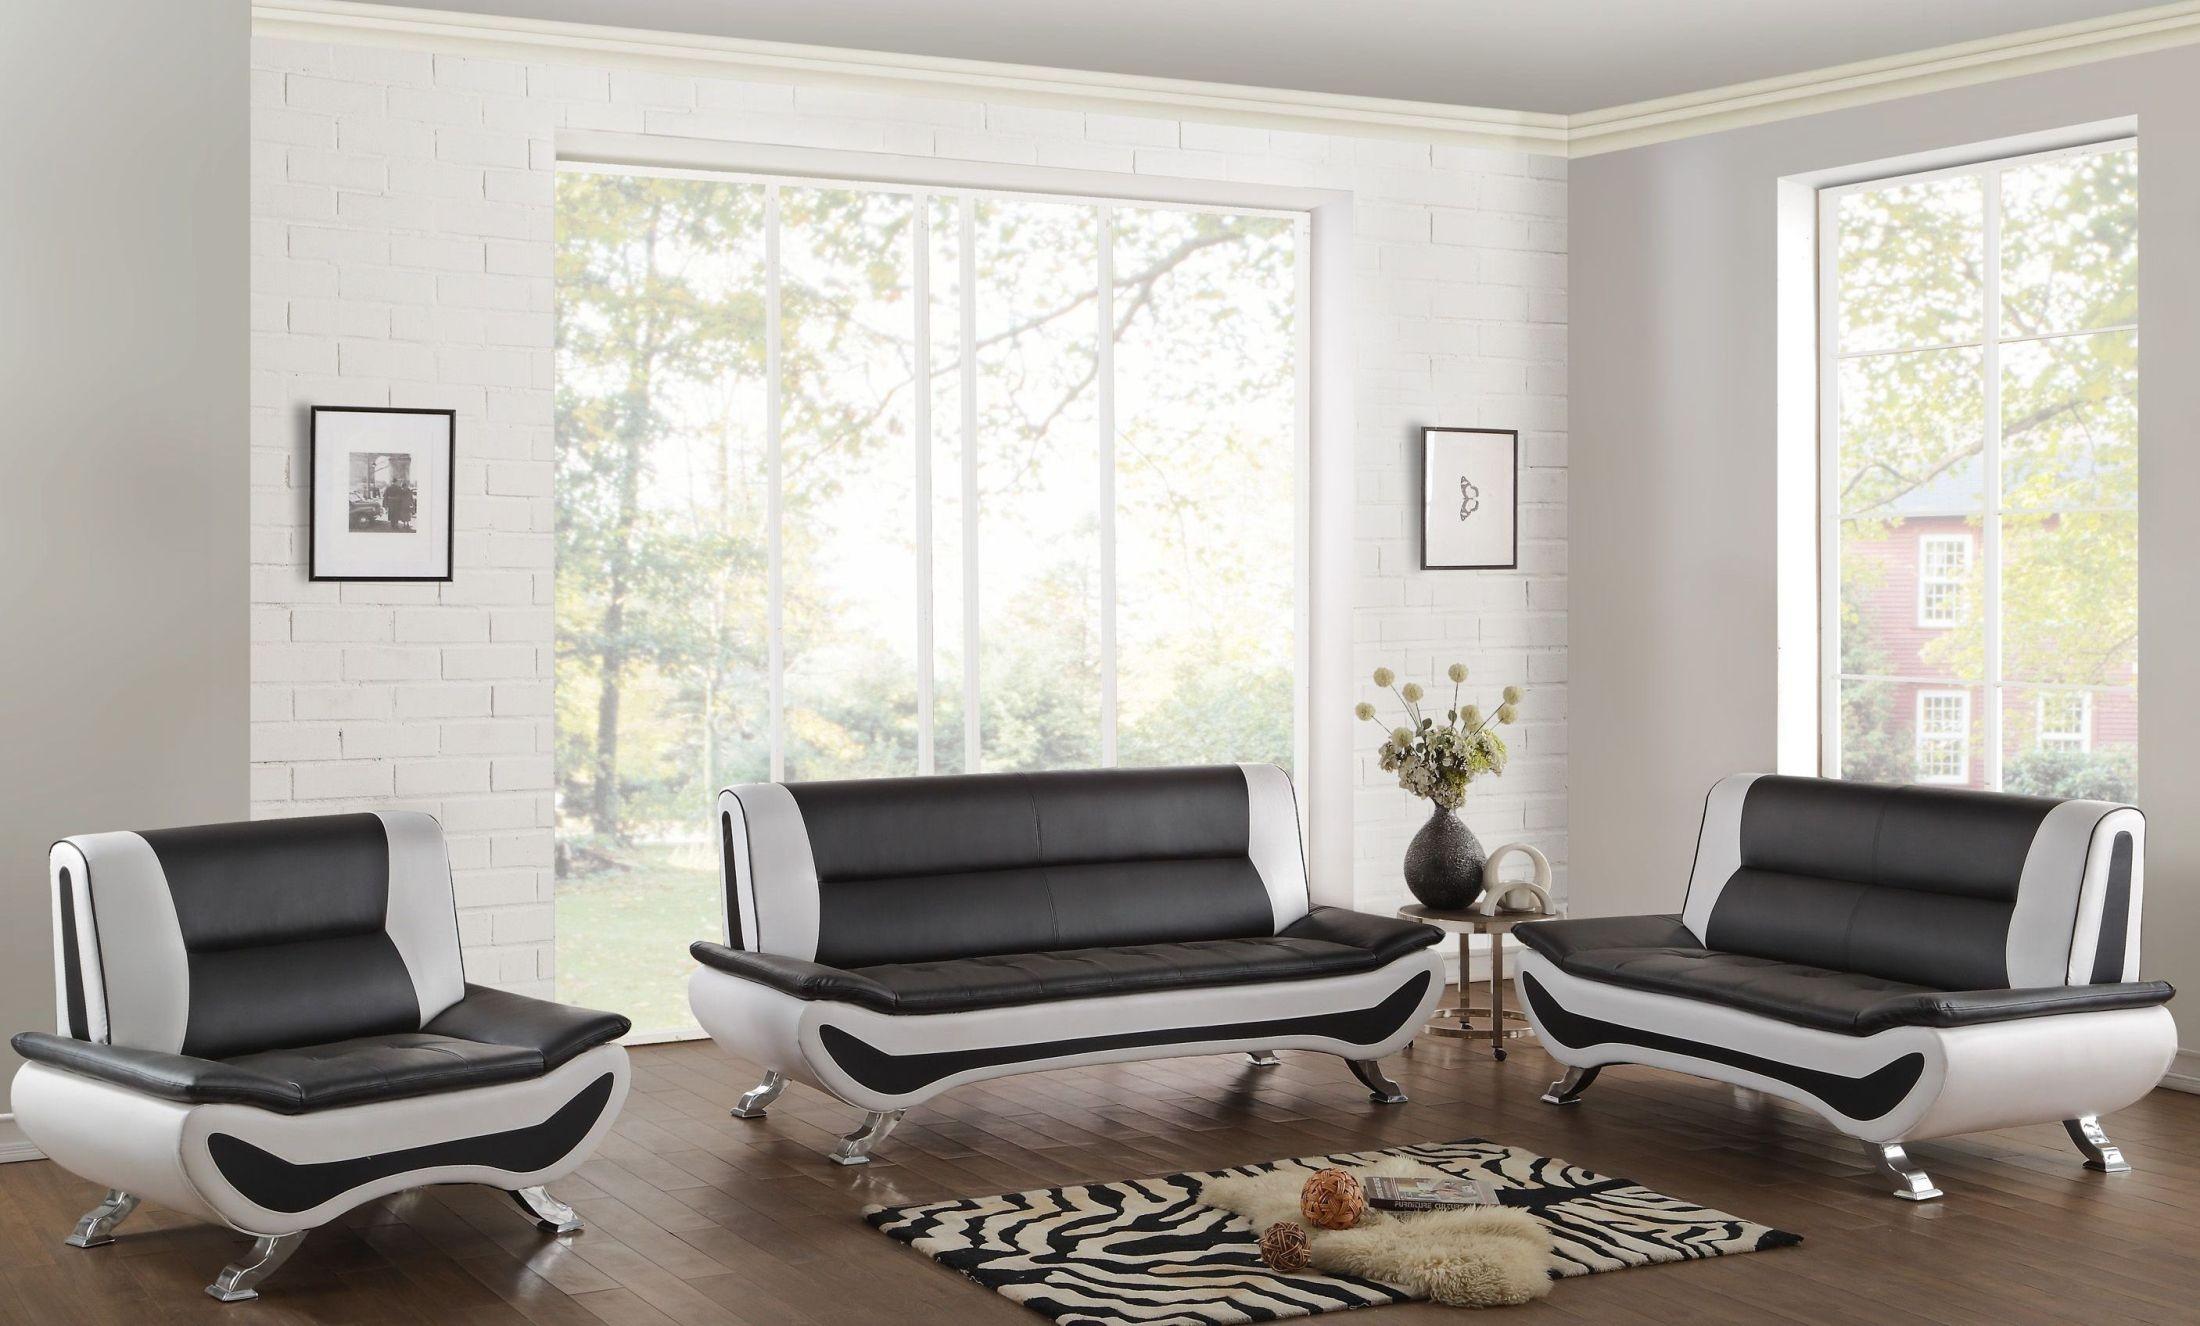 Veloce Black And White Living Room Set From Homelegance